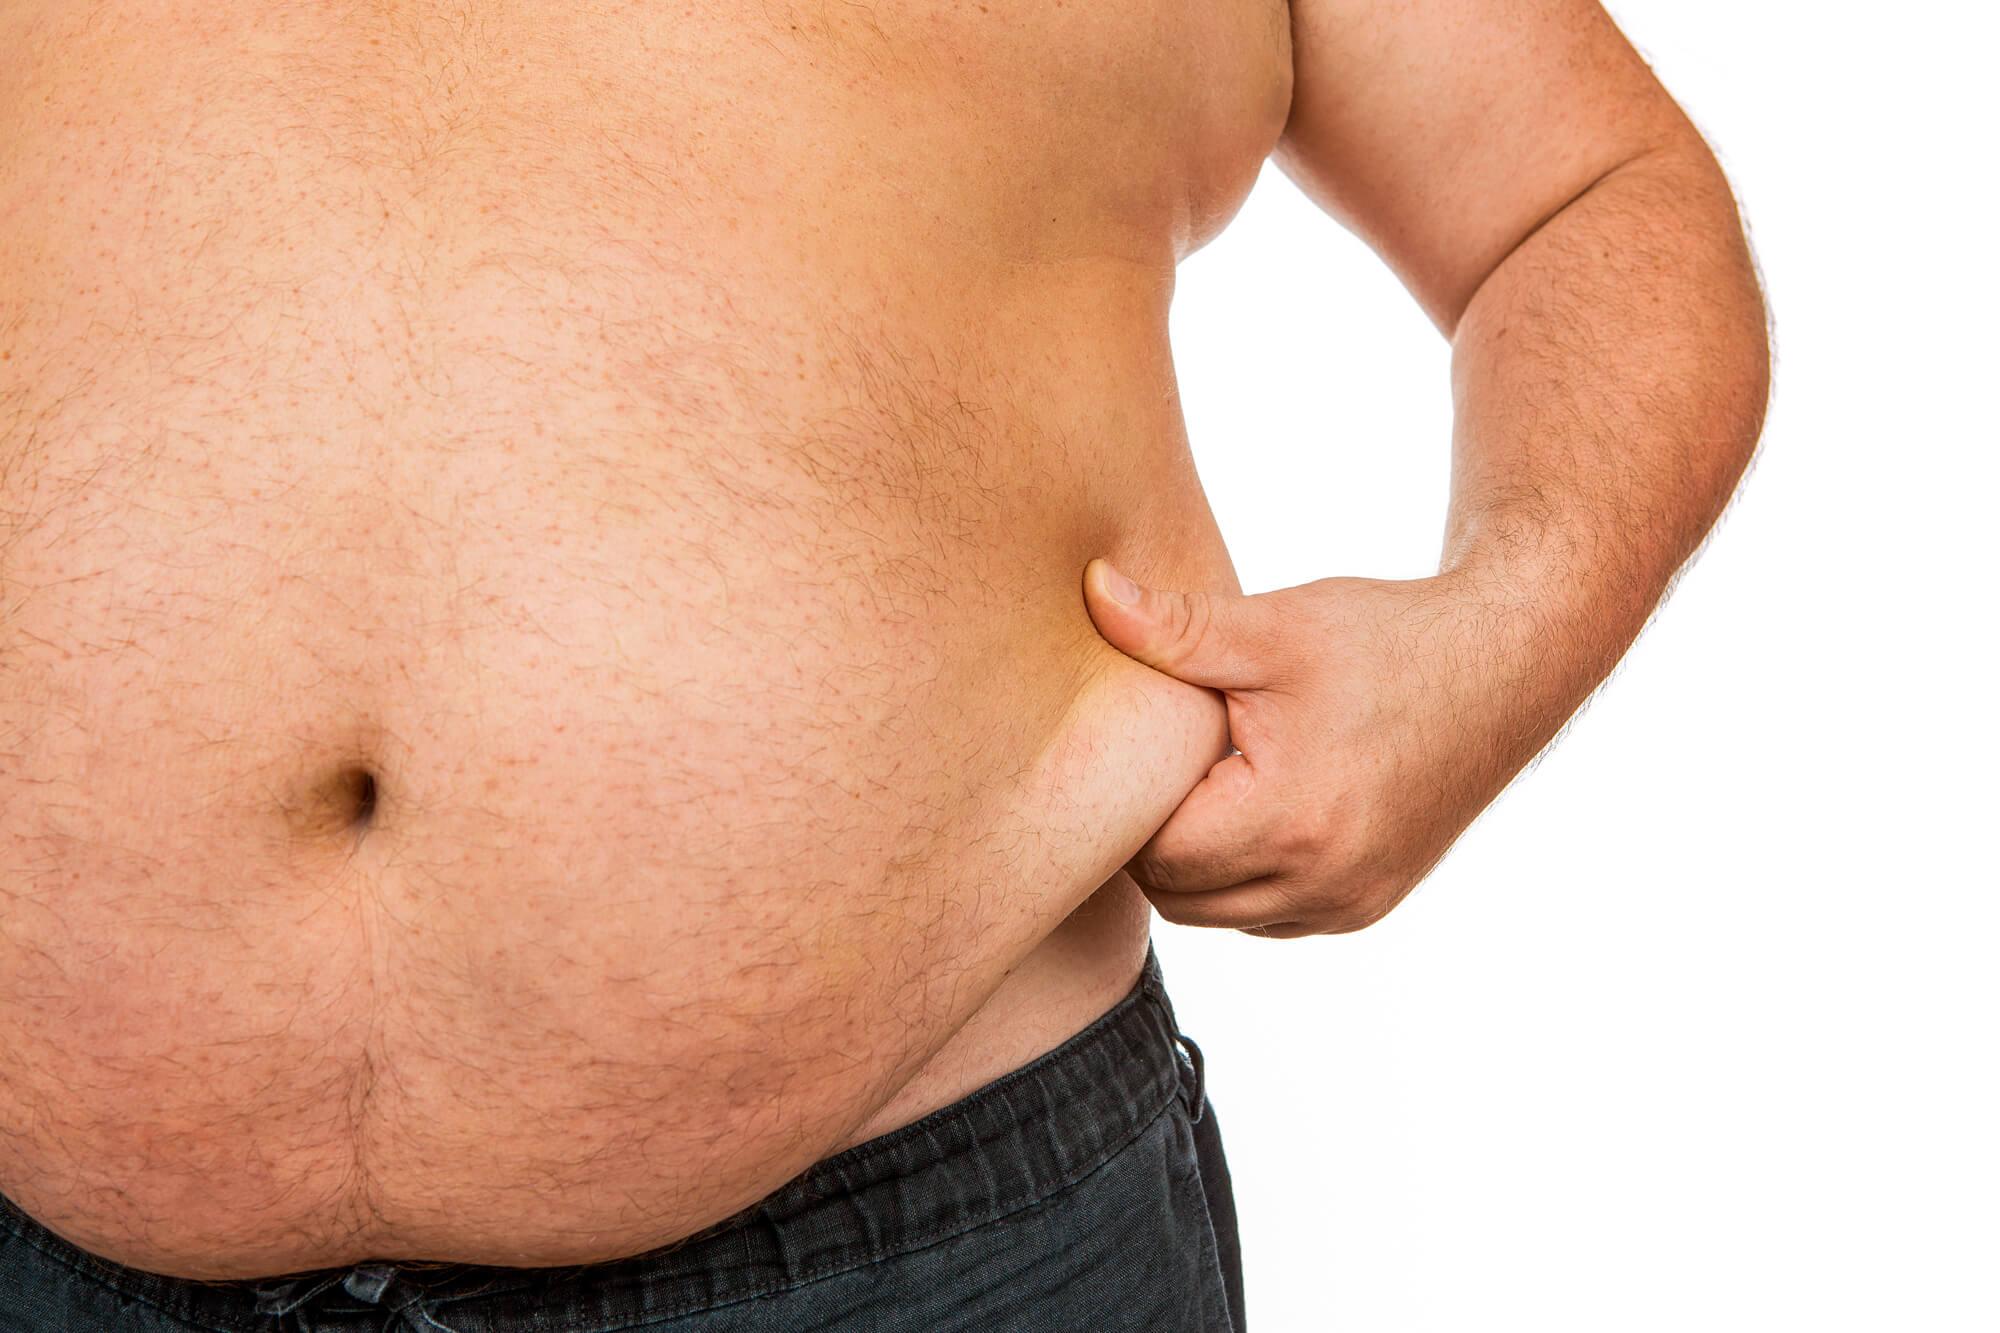 Cuanto más obeso, menos testosterona